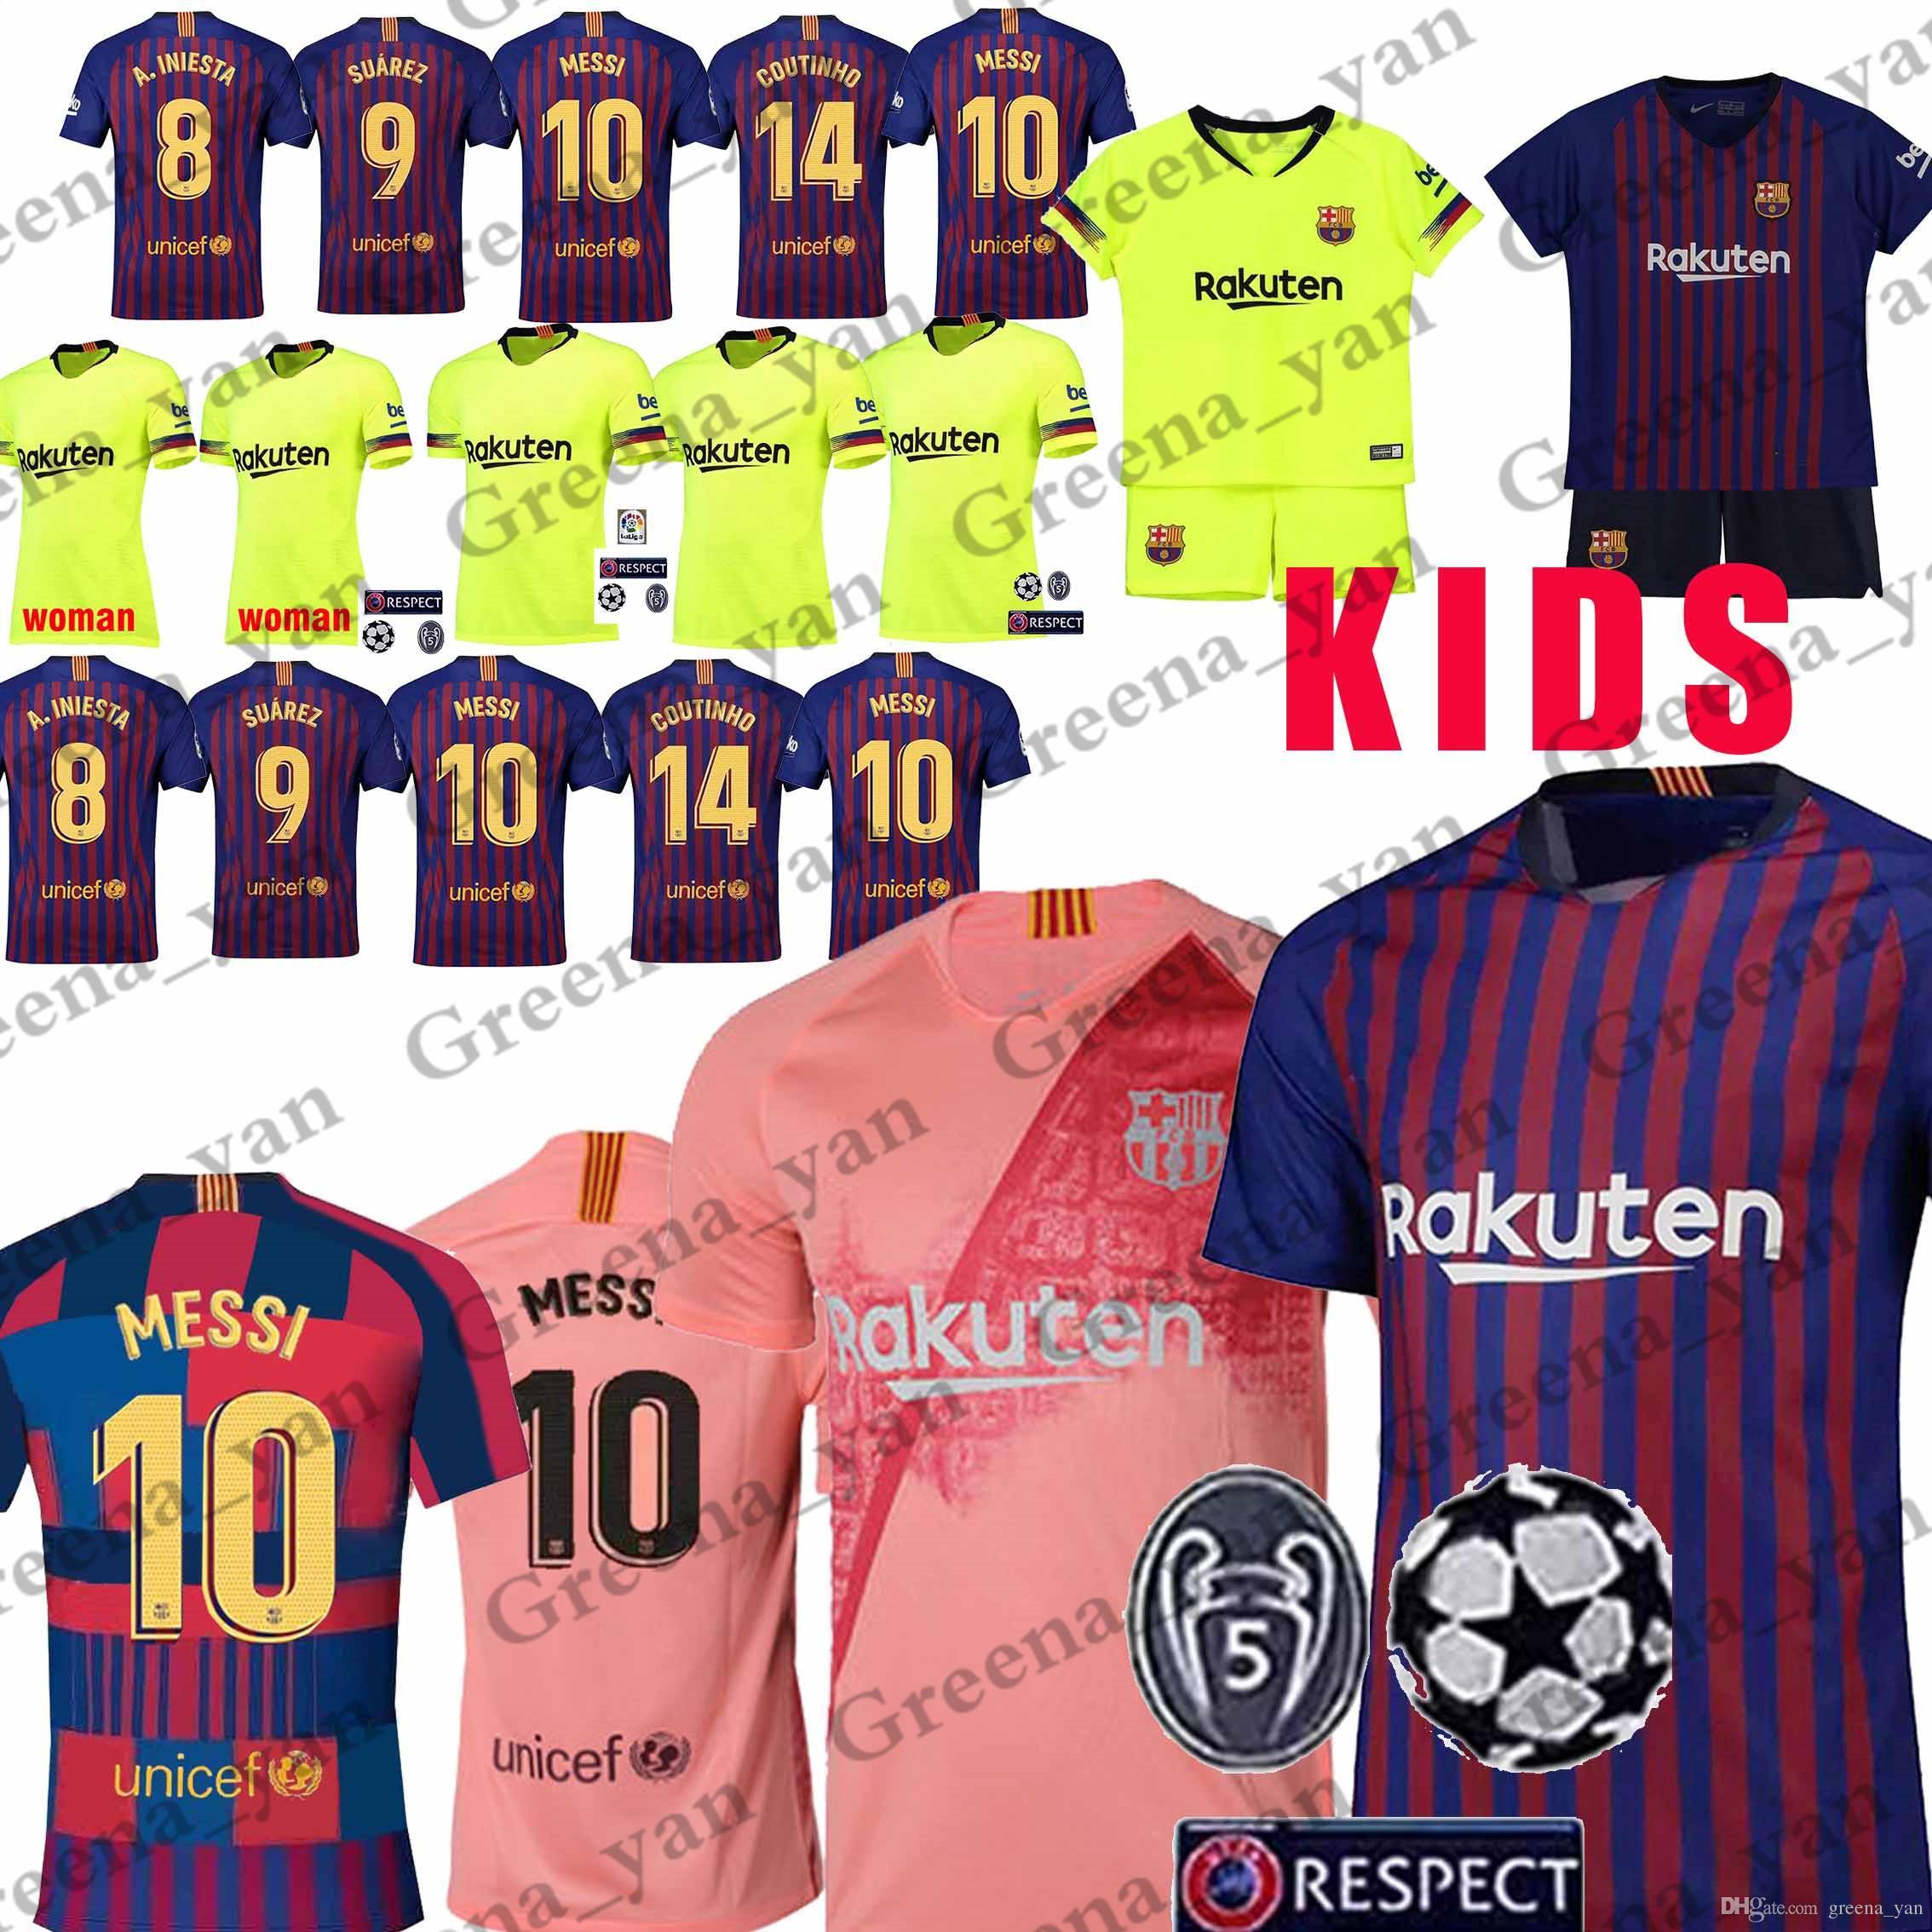 8ce5deee3c Compre Promoção 10 Messi Barcelona Futebol Jersey 8 Iniesta 9 Suarez 26  MALCOM 11 Dembele Coutinho Camisas De Futebol Homens Mulheres Crianças Kits  De ...